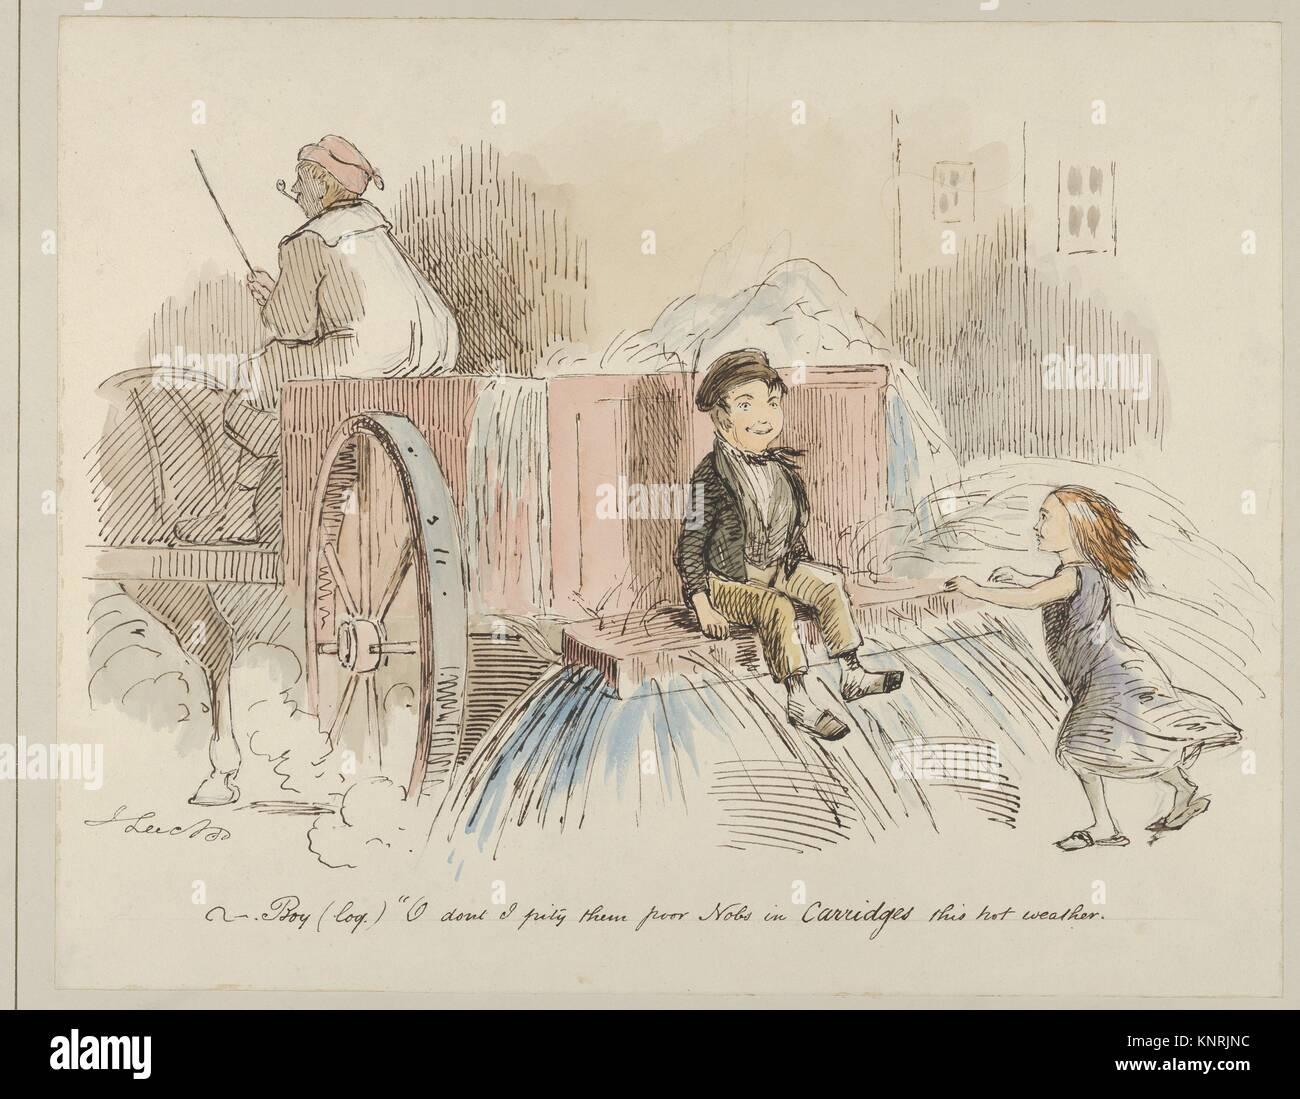 Boy (LOQ). O no me dan lástima pobre Nobs en carruajes este clima caliente. Artista: John Leech (Británicos, Imagen De Stock